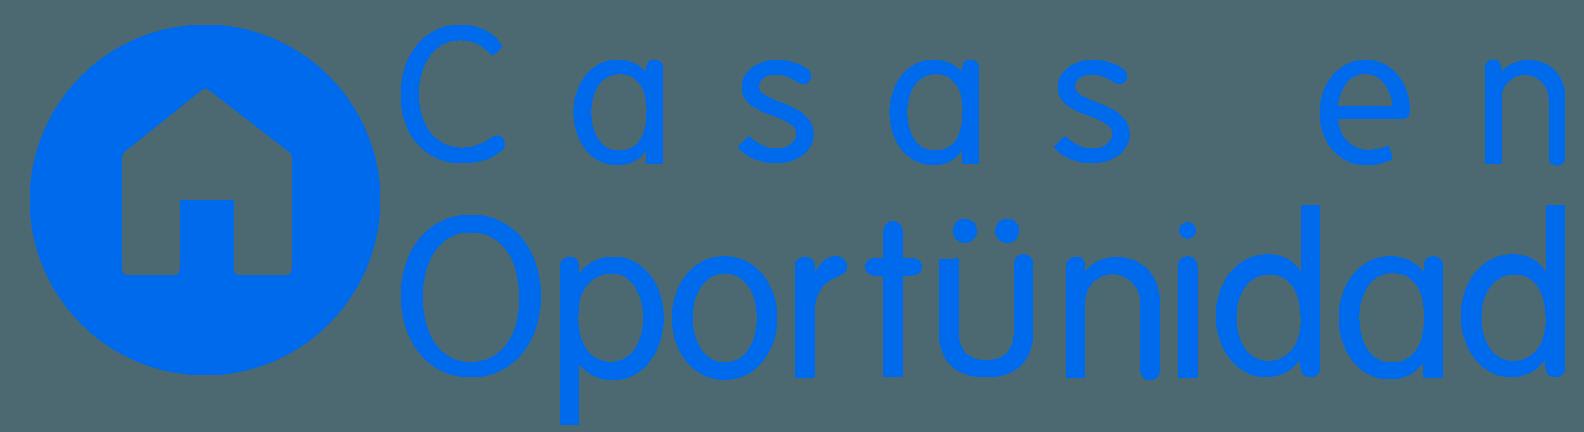 Logo de  Casasenoportunidad